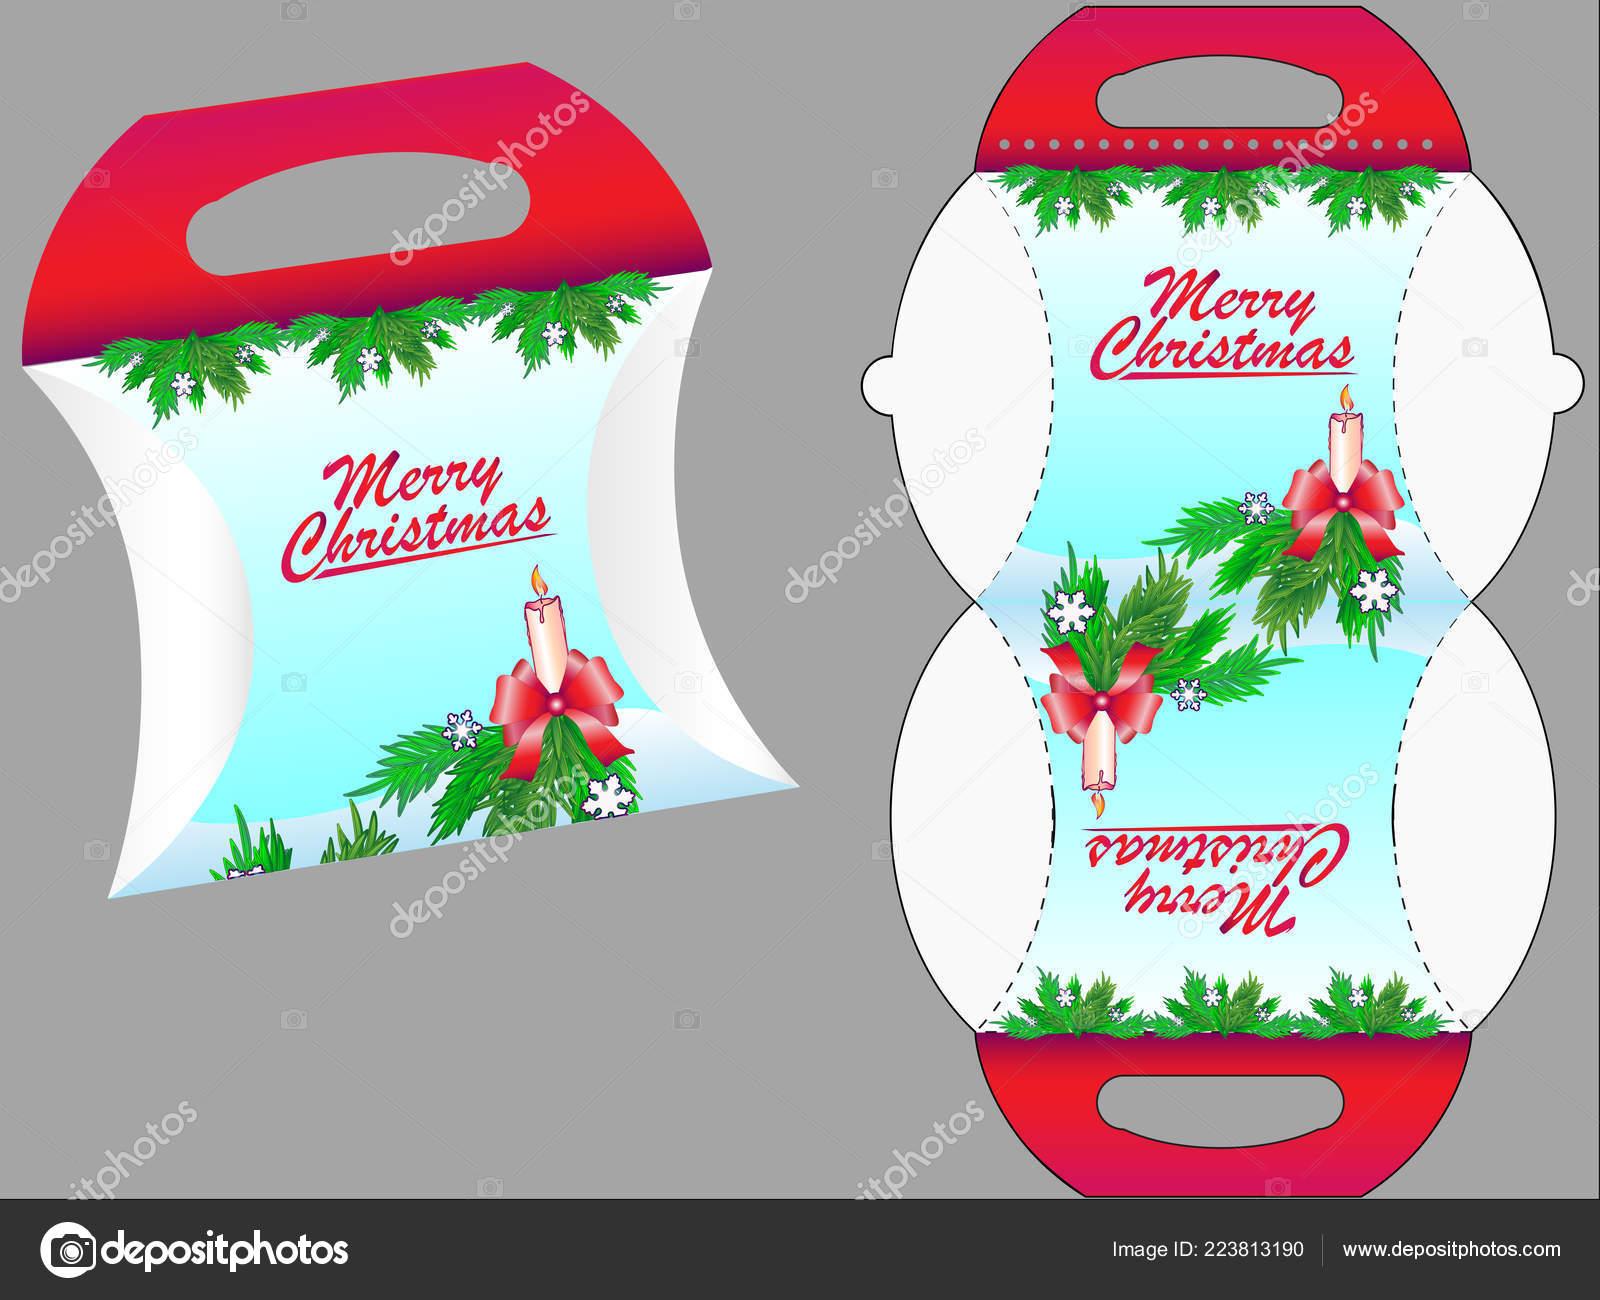 Andere Weihnachtsgeschenke.Geschenk Box Geschenk Box Vorlage Für Süßigkeiten Oder Andere